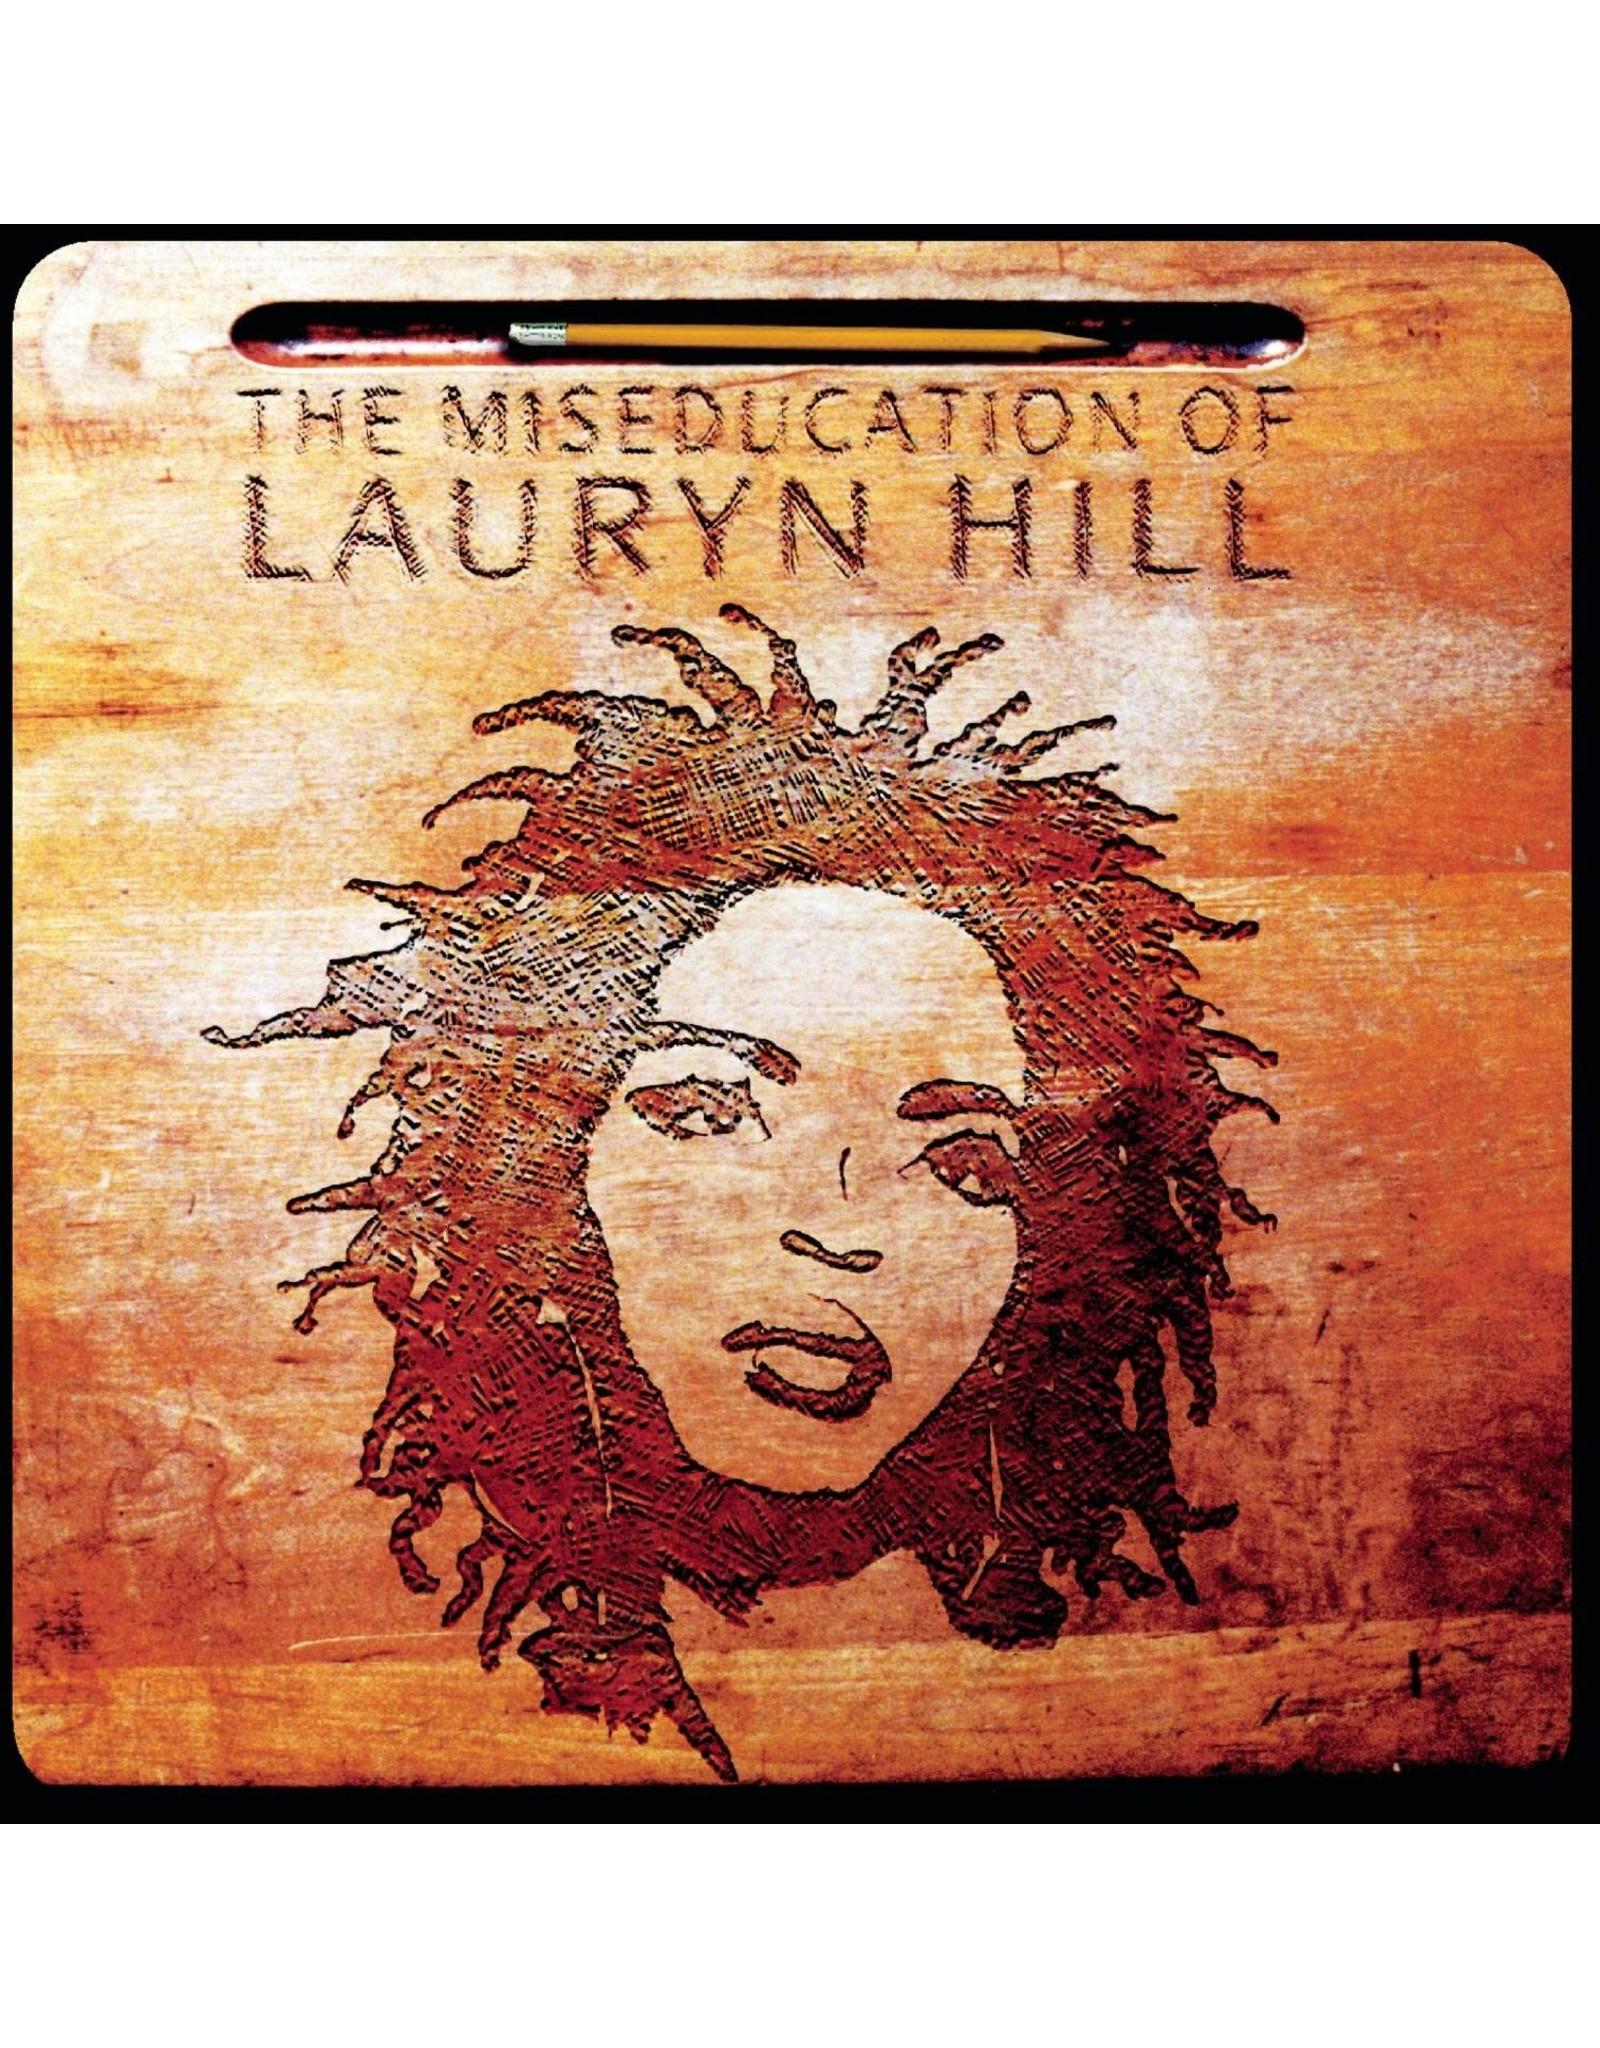 Hill, Lauryn - The Miseducation of Lauryn Hill LP